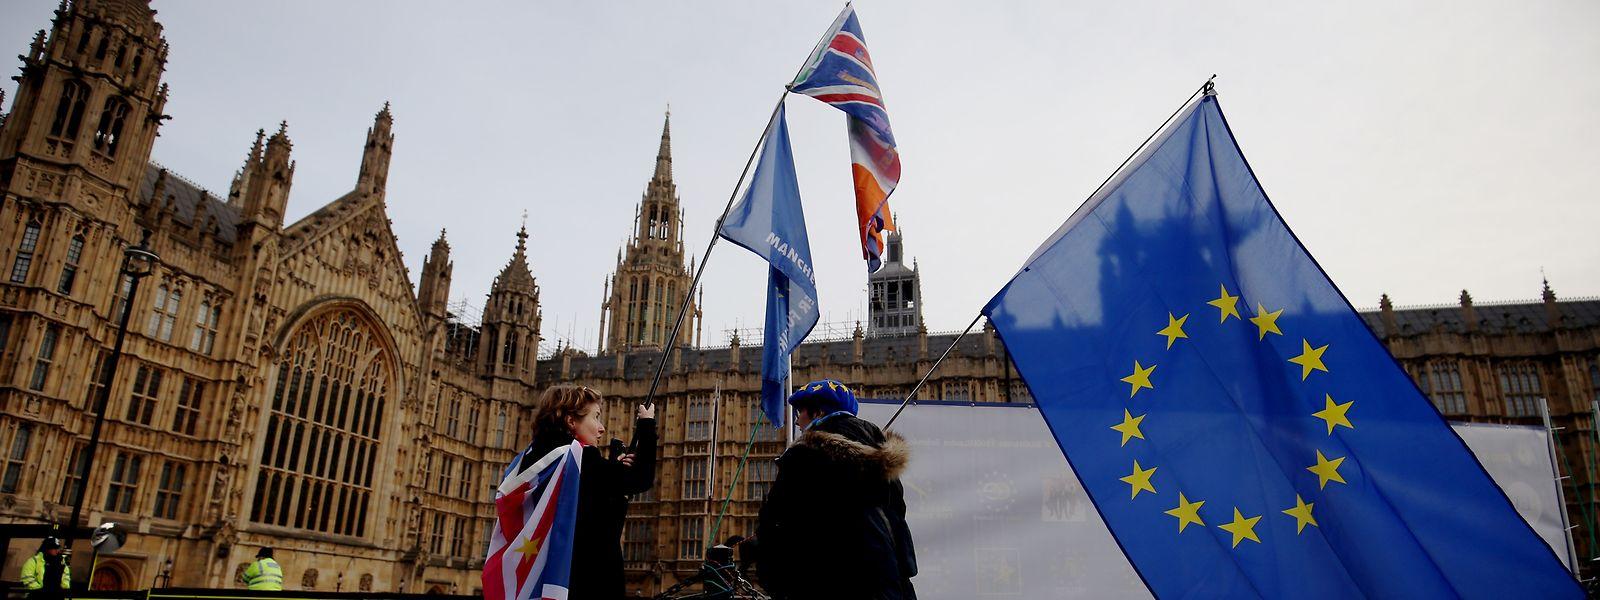 Parlamentssprecher John Bercow und die Labour-Abgeordnete Yvette Cooper sind derzeit Theresa Mays gefährlichste Gegner im Brexit-Kampf.